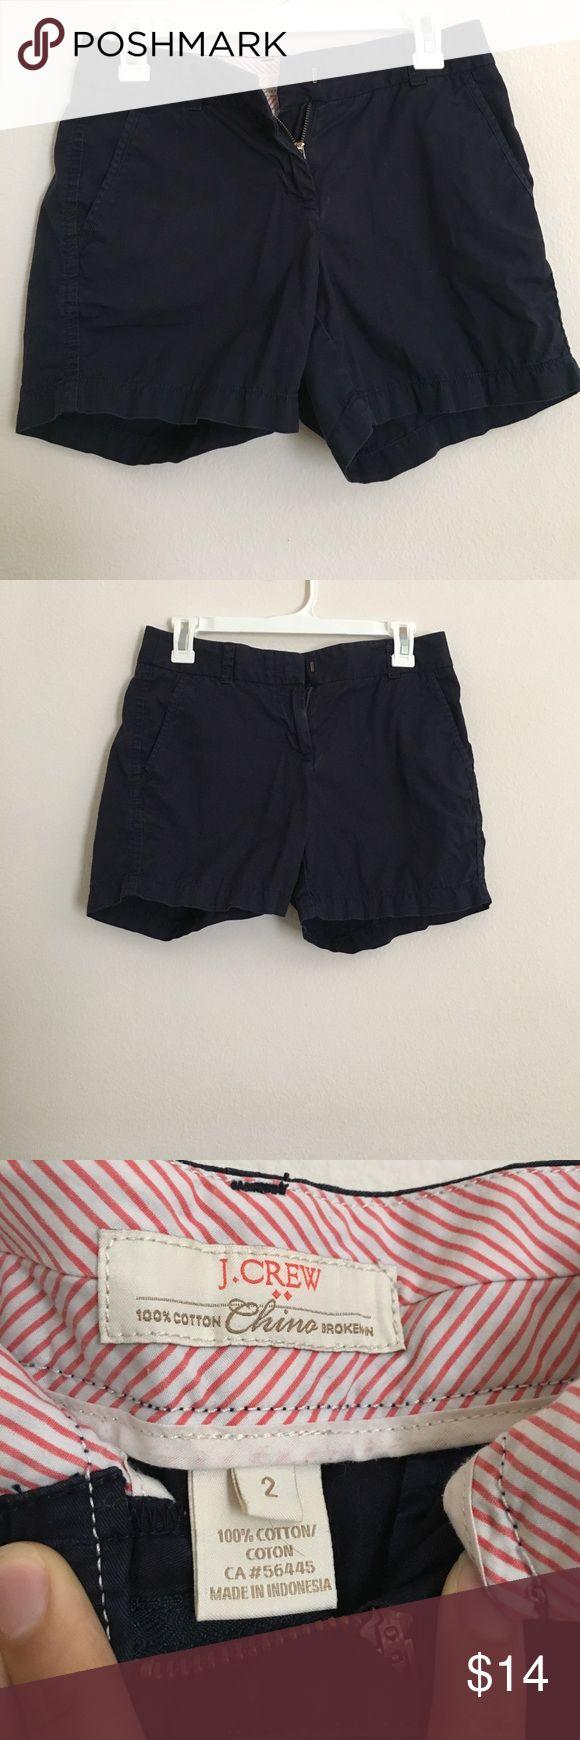 J. CREW Navy Blue Shorts J CREW Navy Blue shorts, size: 2, 100% cotton, hardly worn J. Crew Shorts